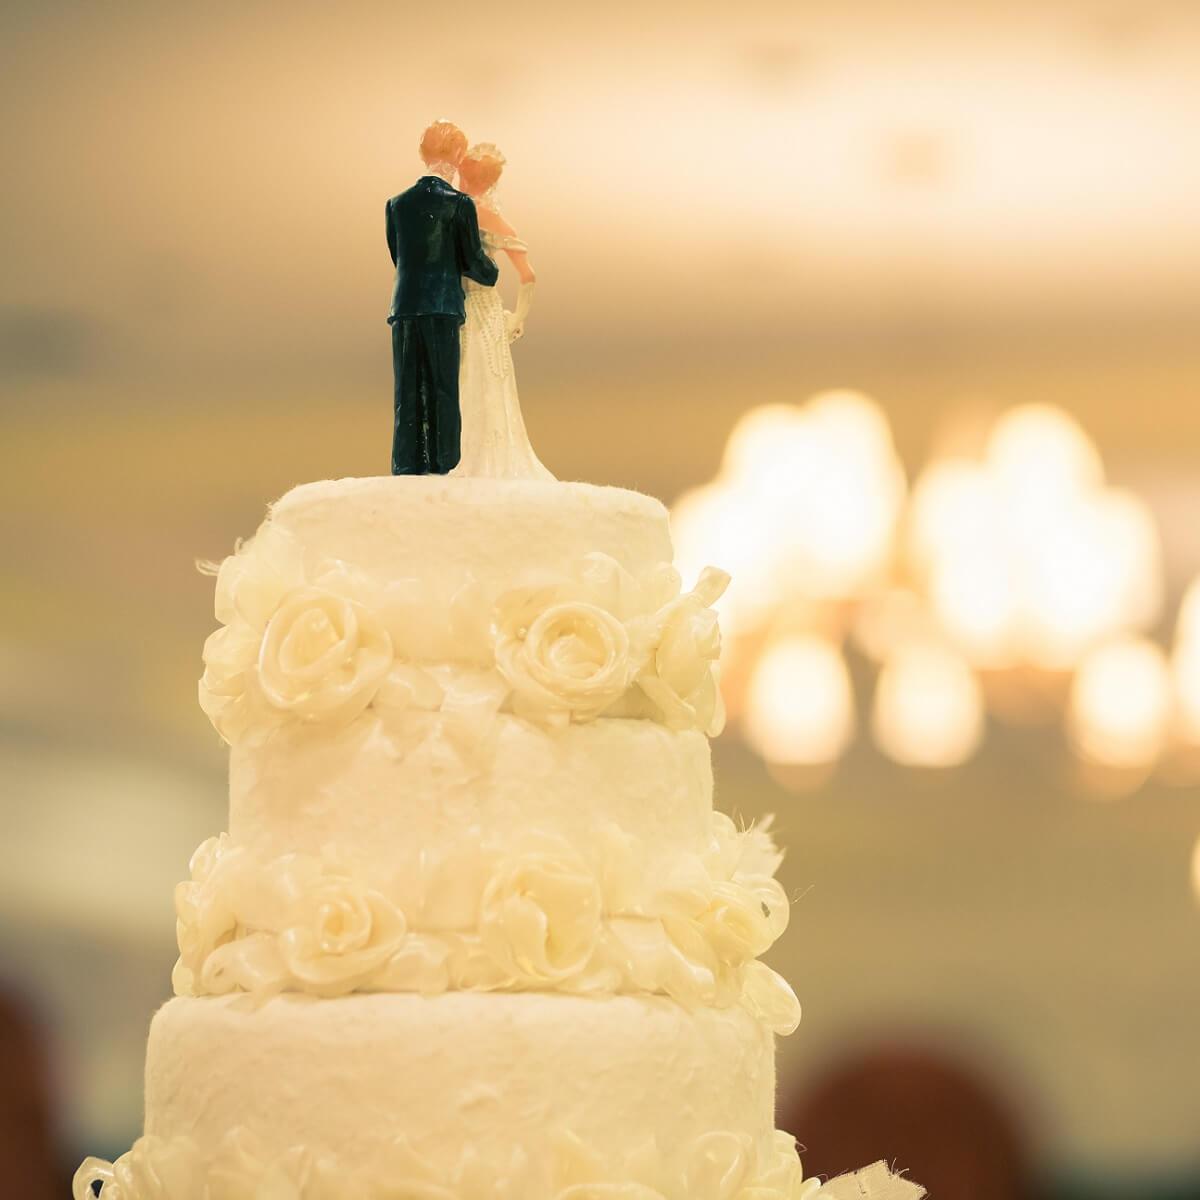 結婚式のウエディングケーキの写真。